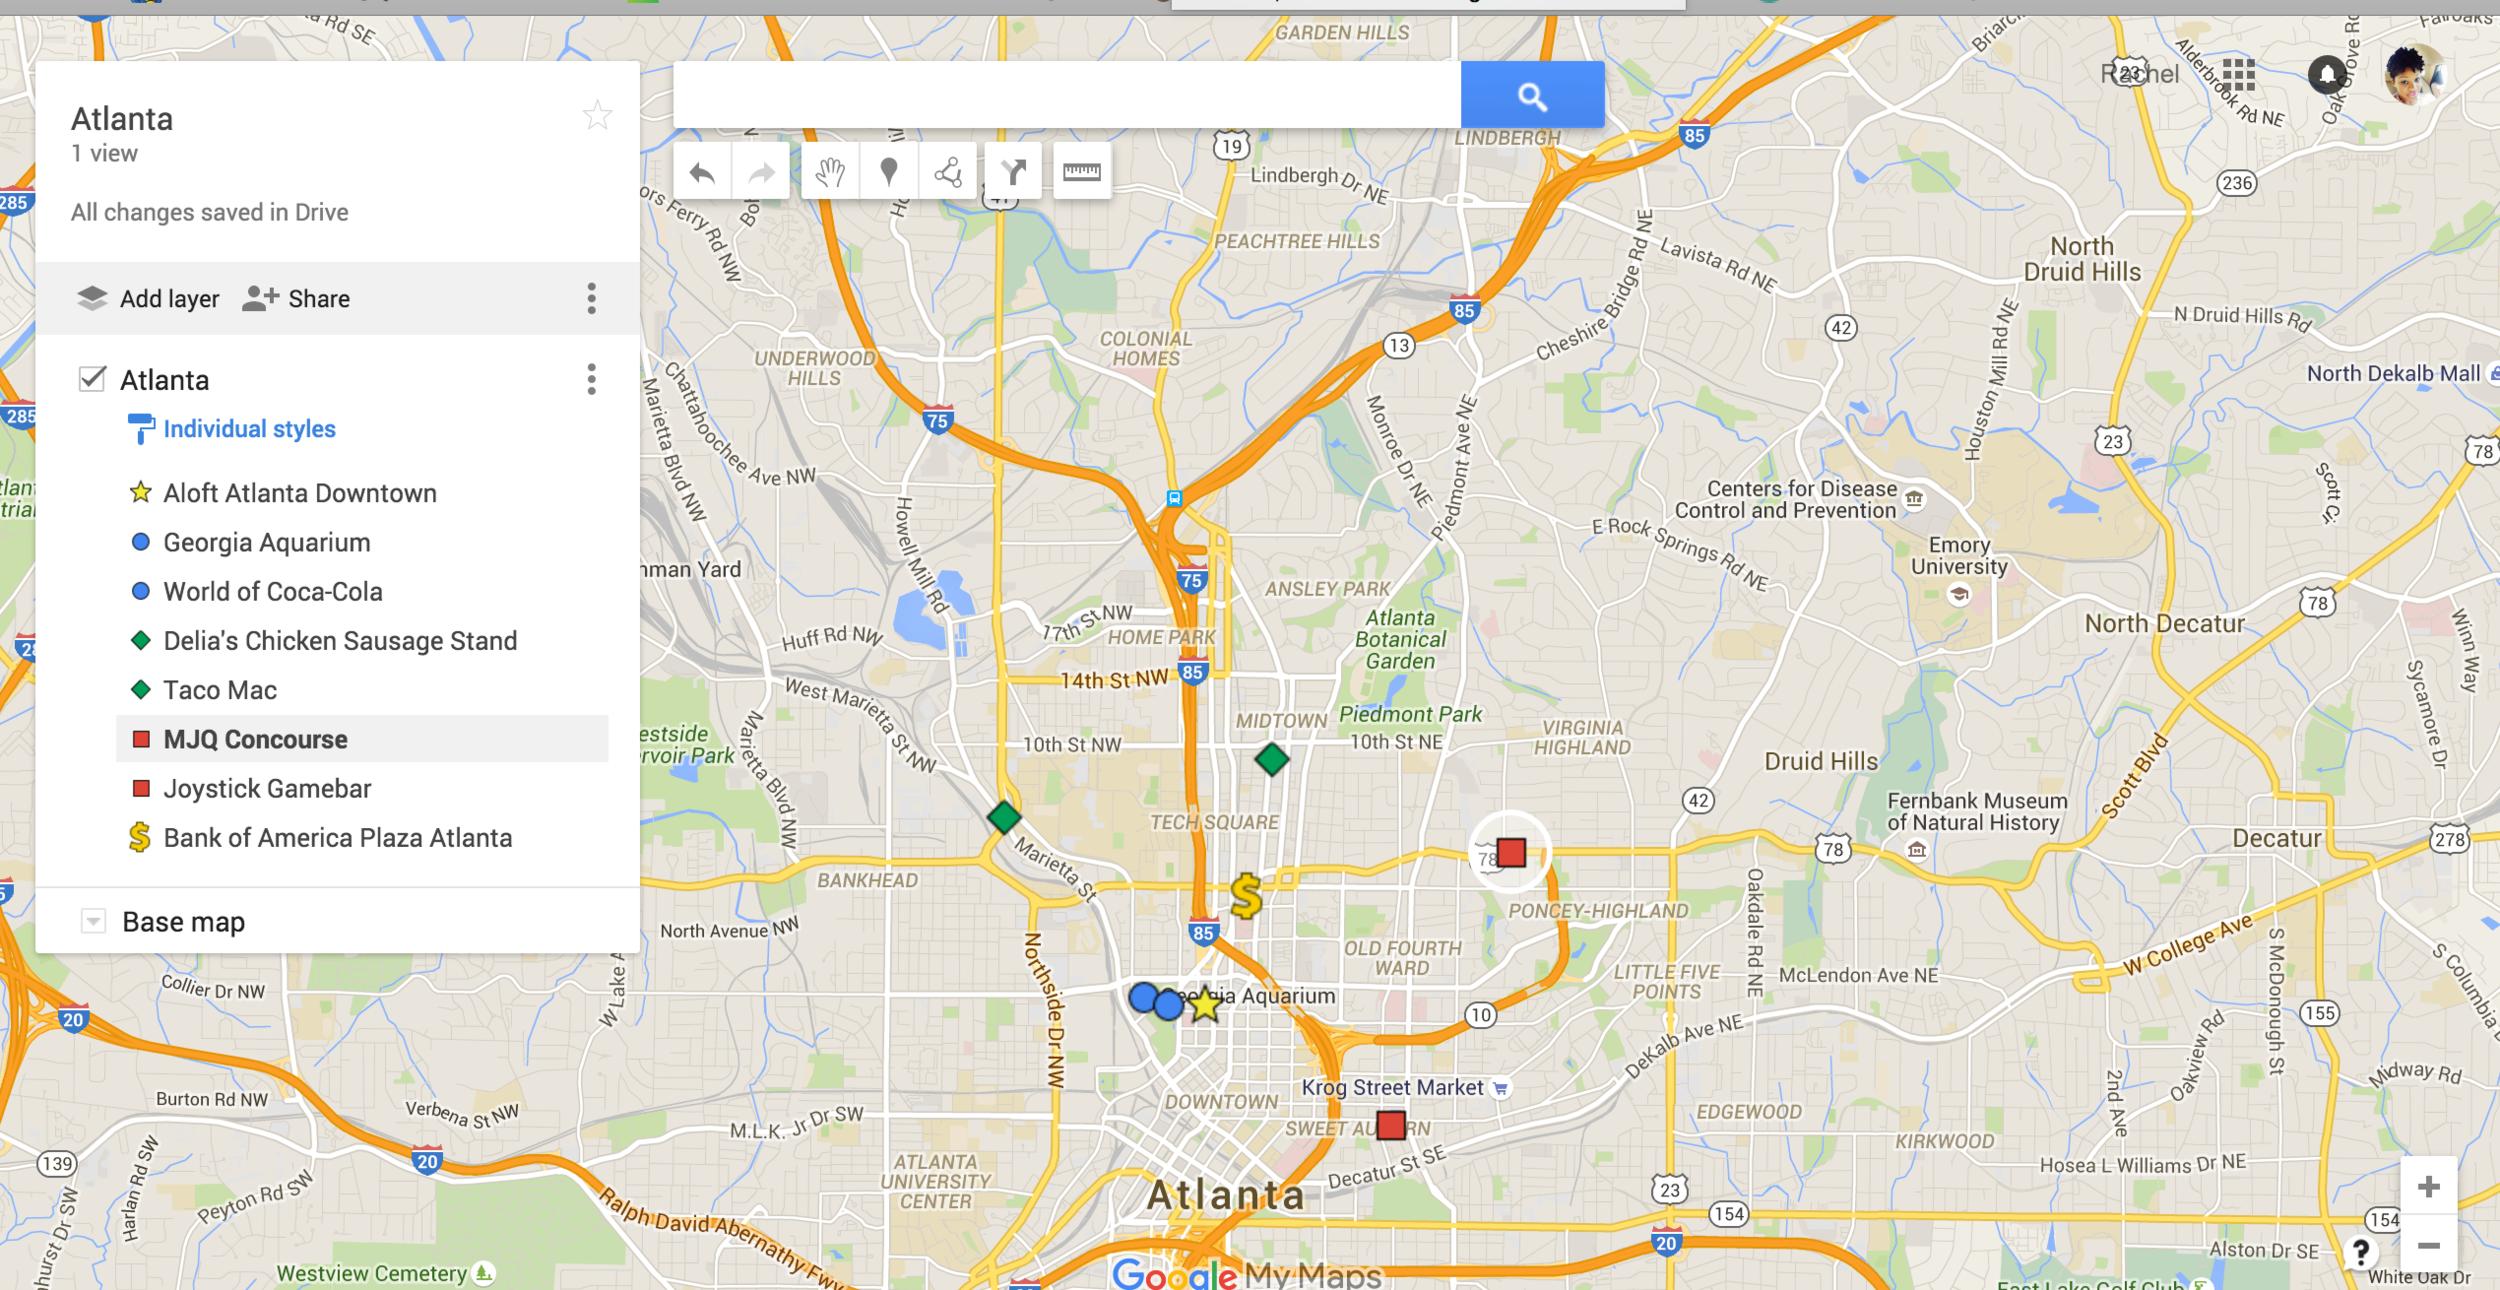 RachelTravels - Google Map - Full View